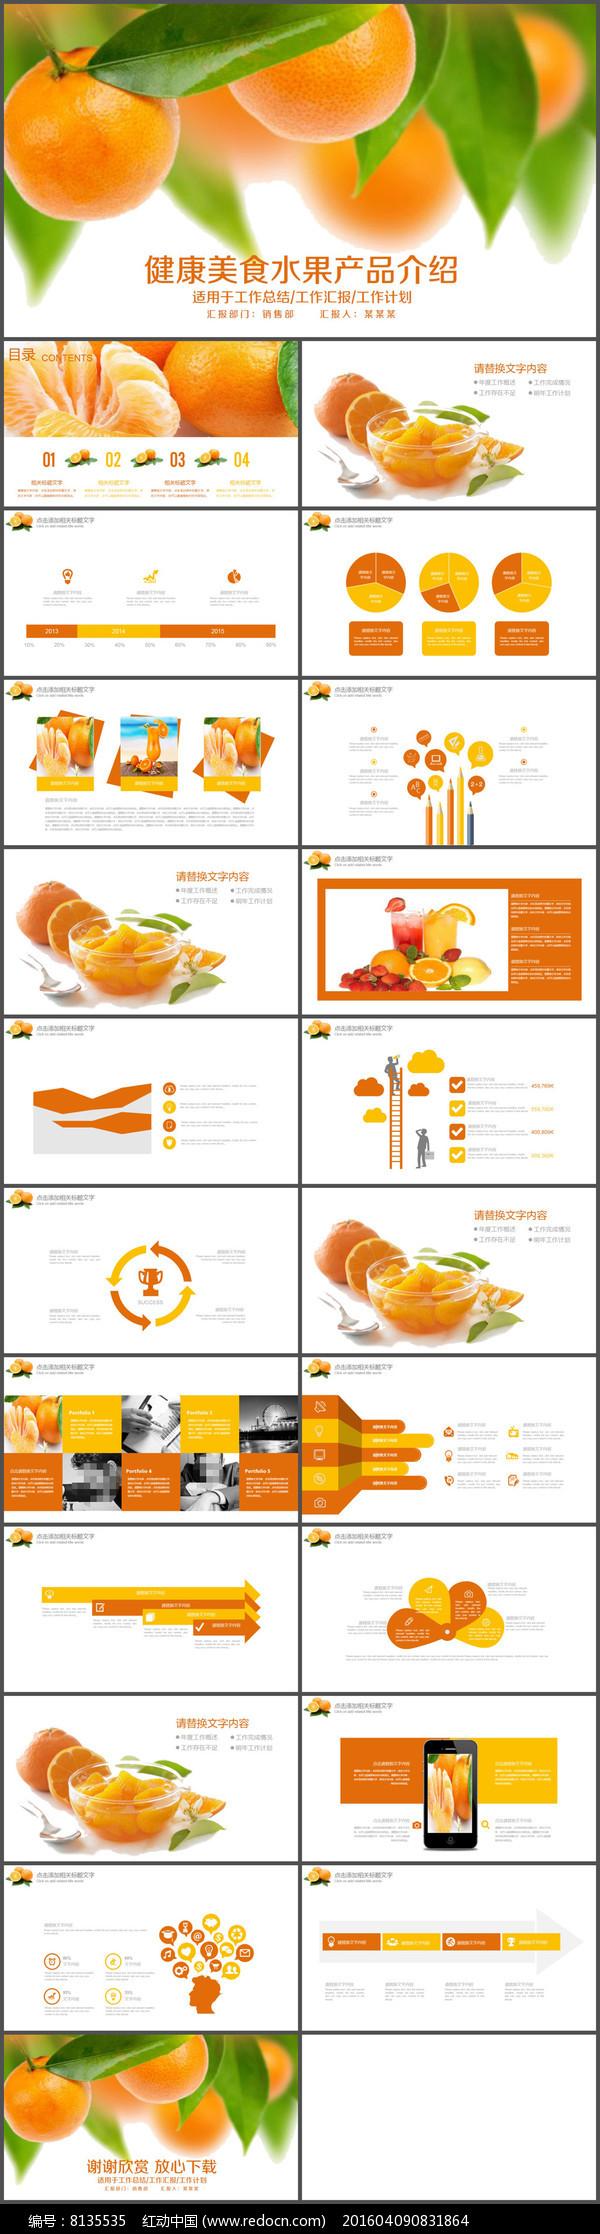 橙色橘子水果产品介绍PPT模板